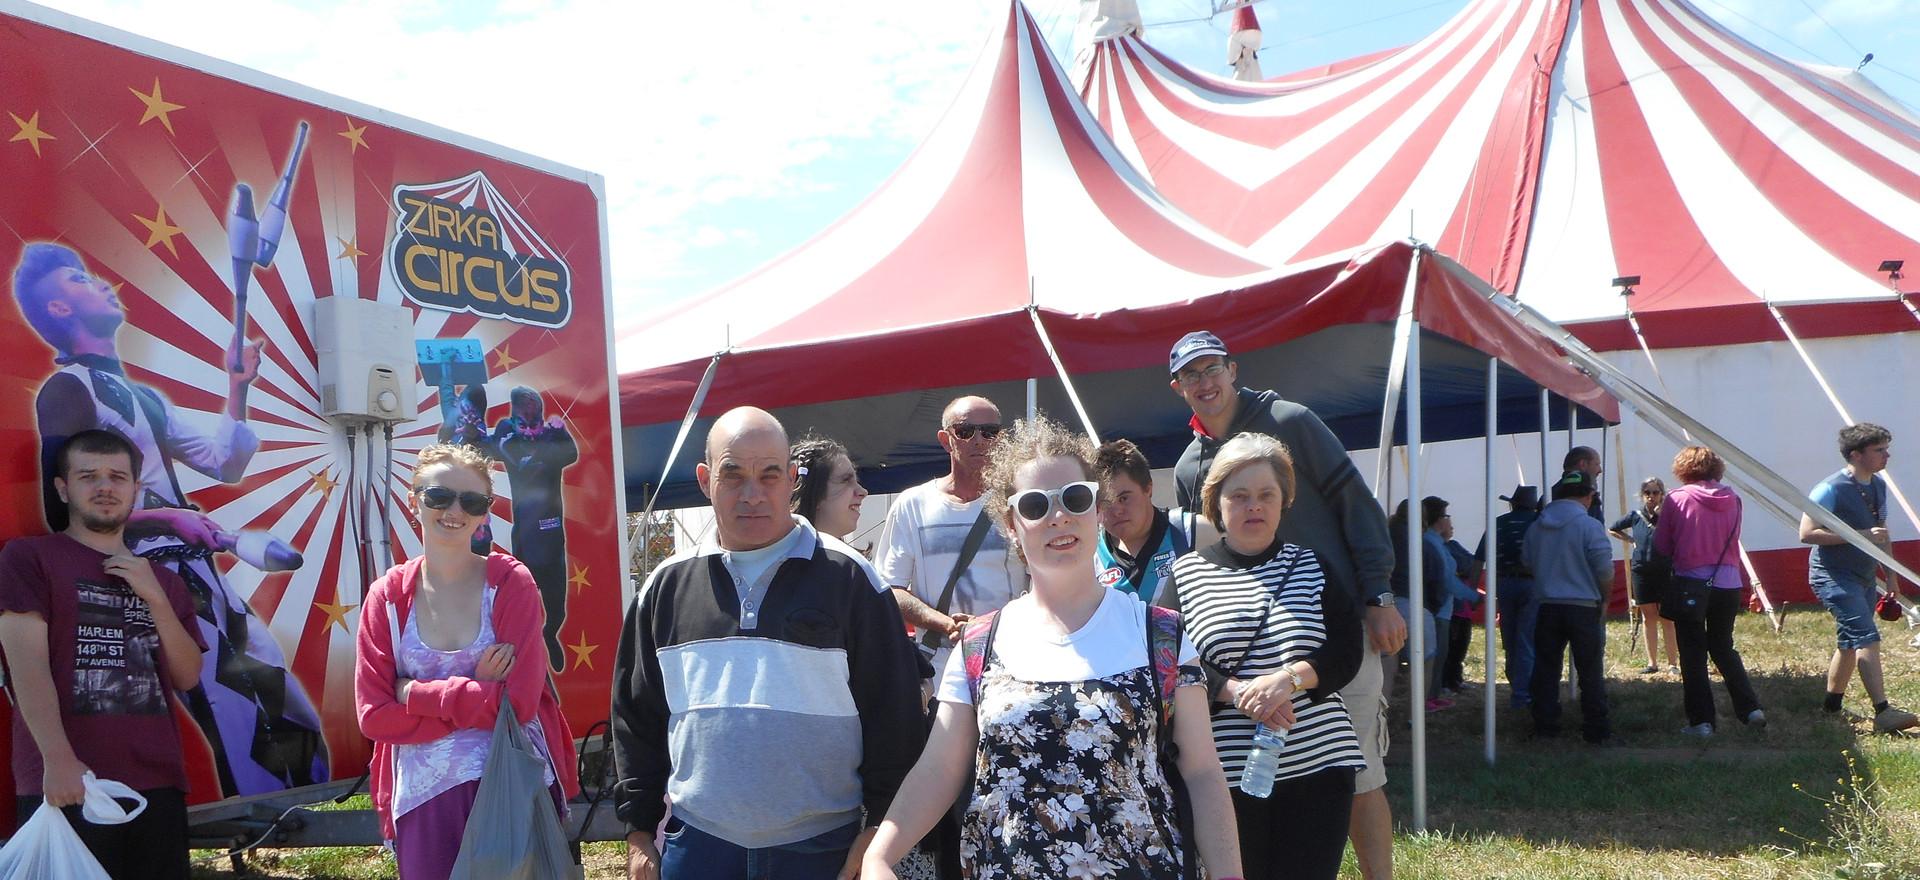 Bway _ Circus 6.1.16 016.JPG